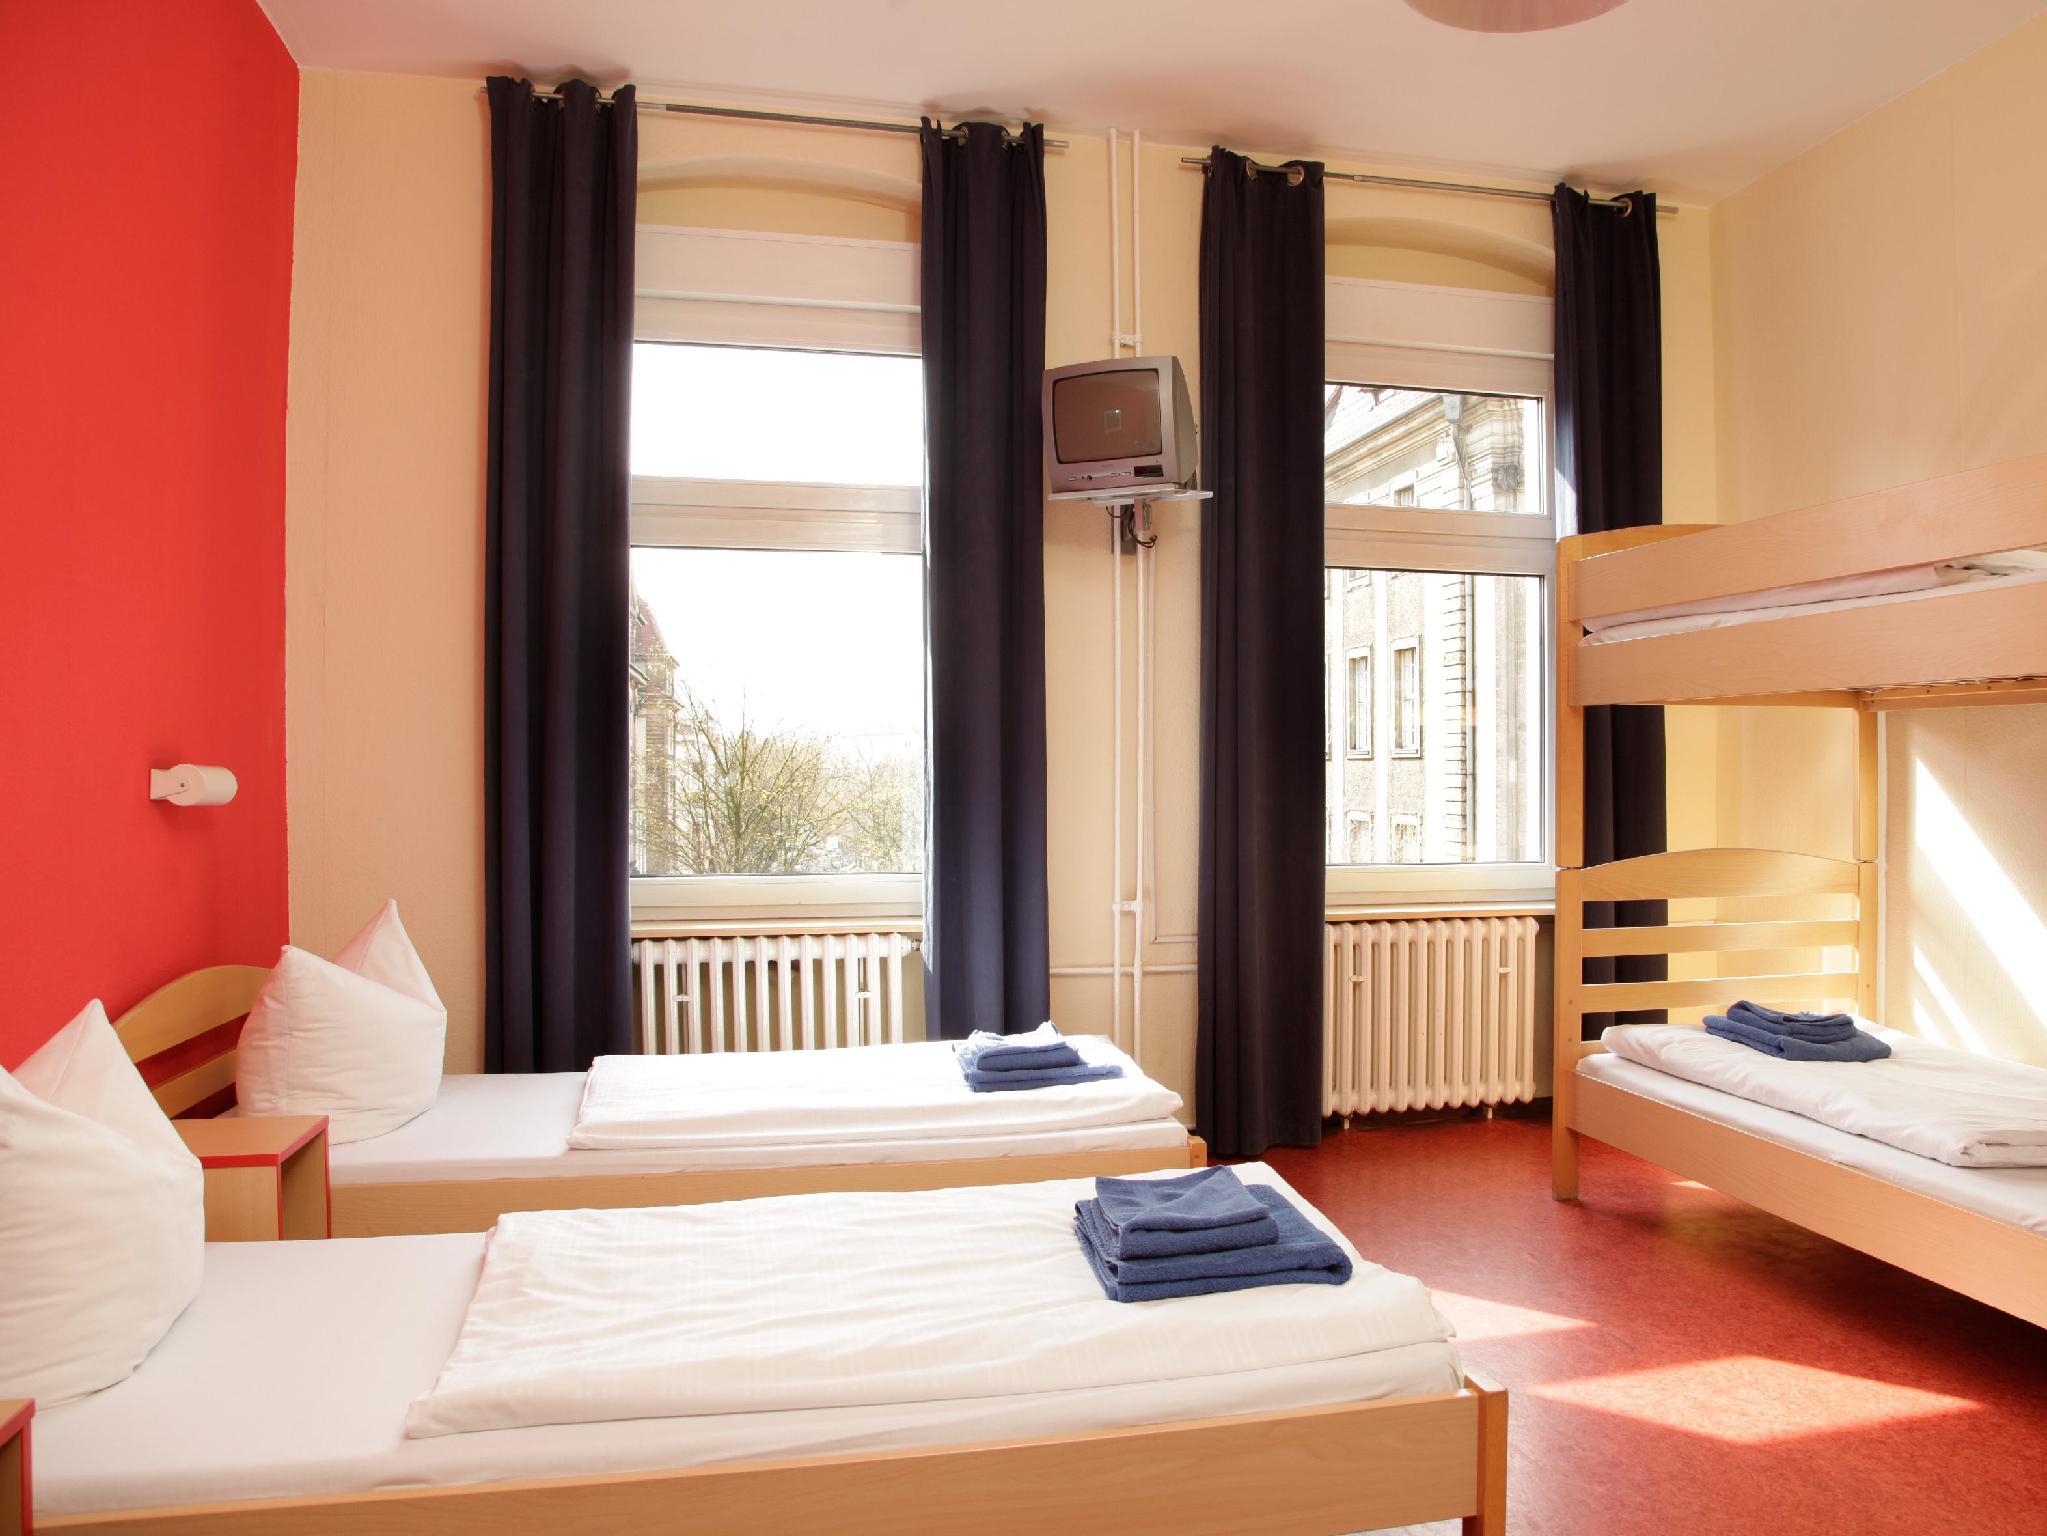 aletto Jugendhotel Schoneberg